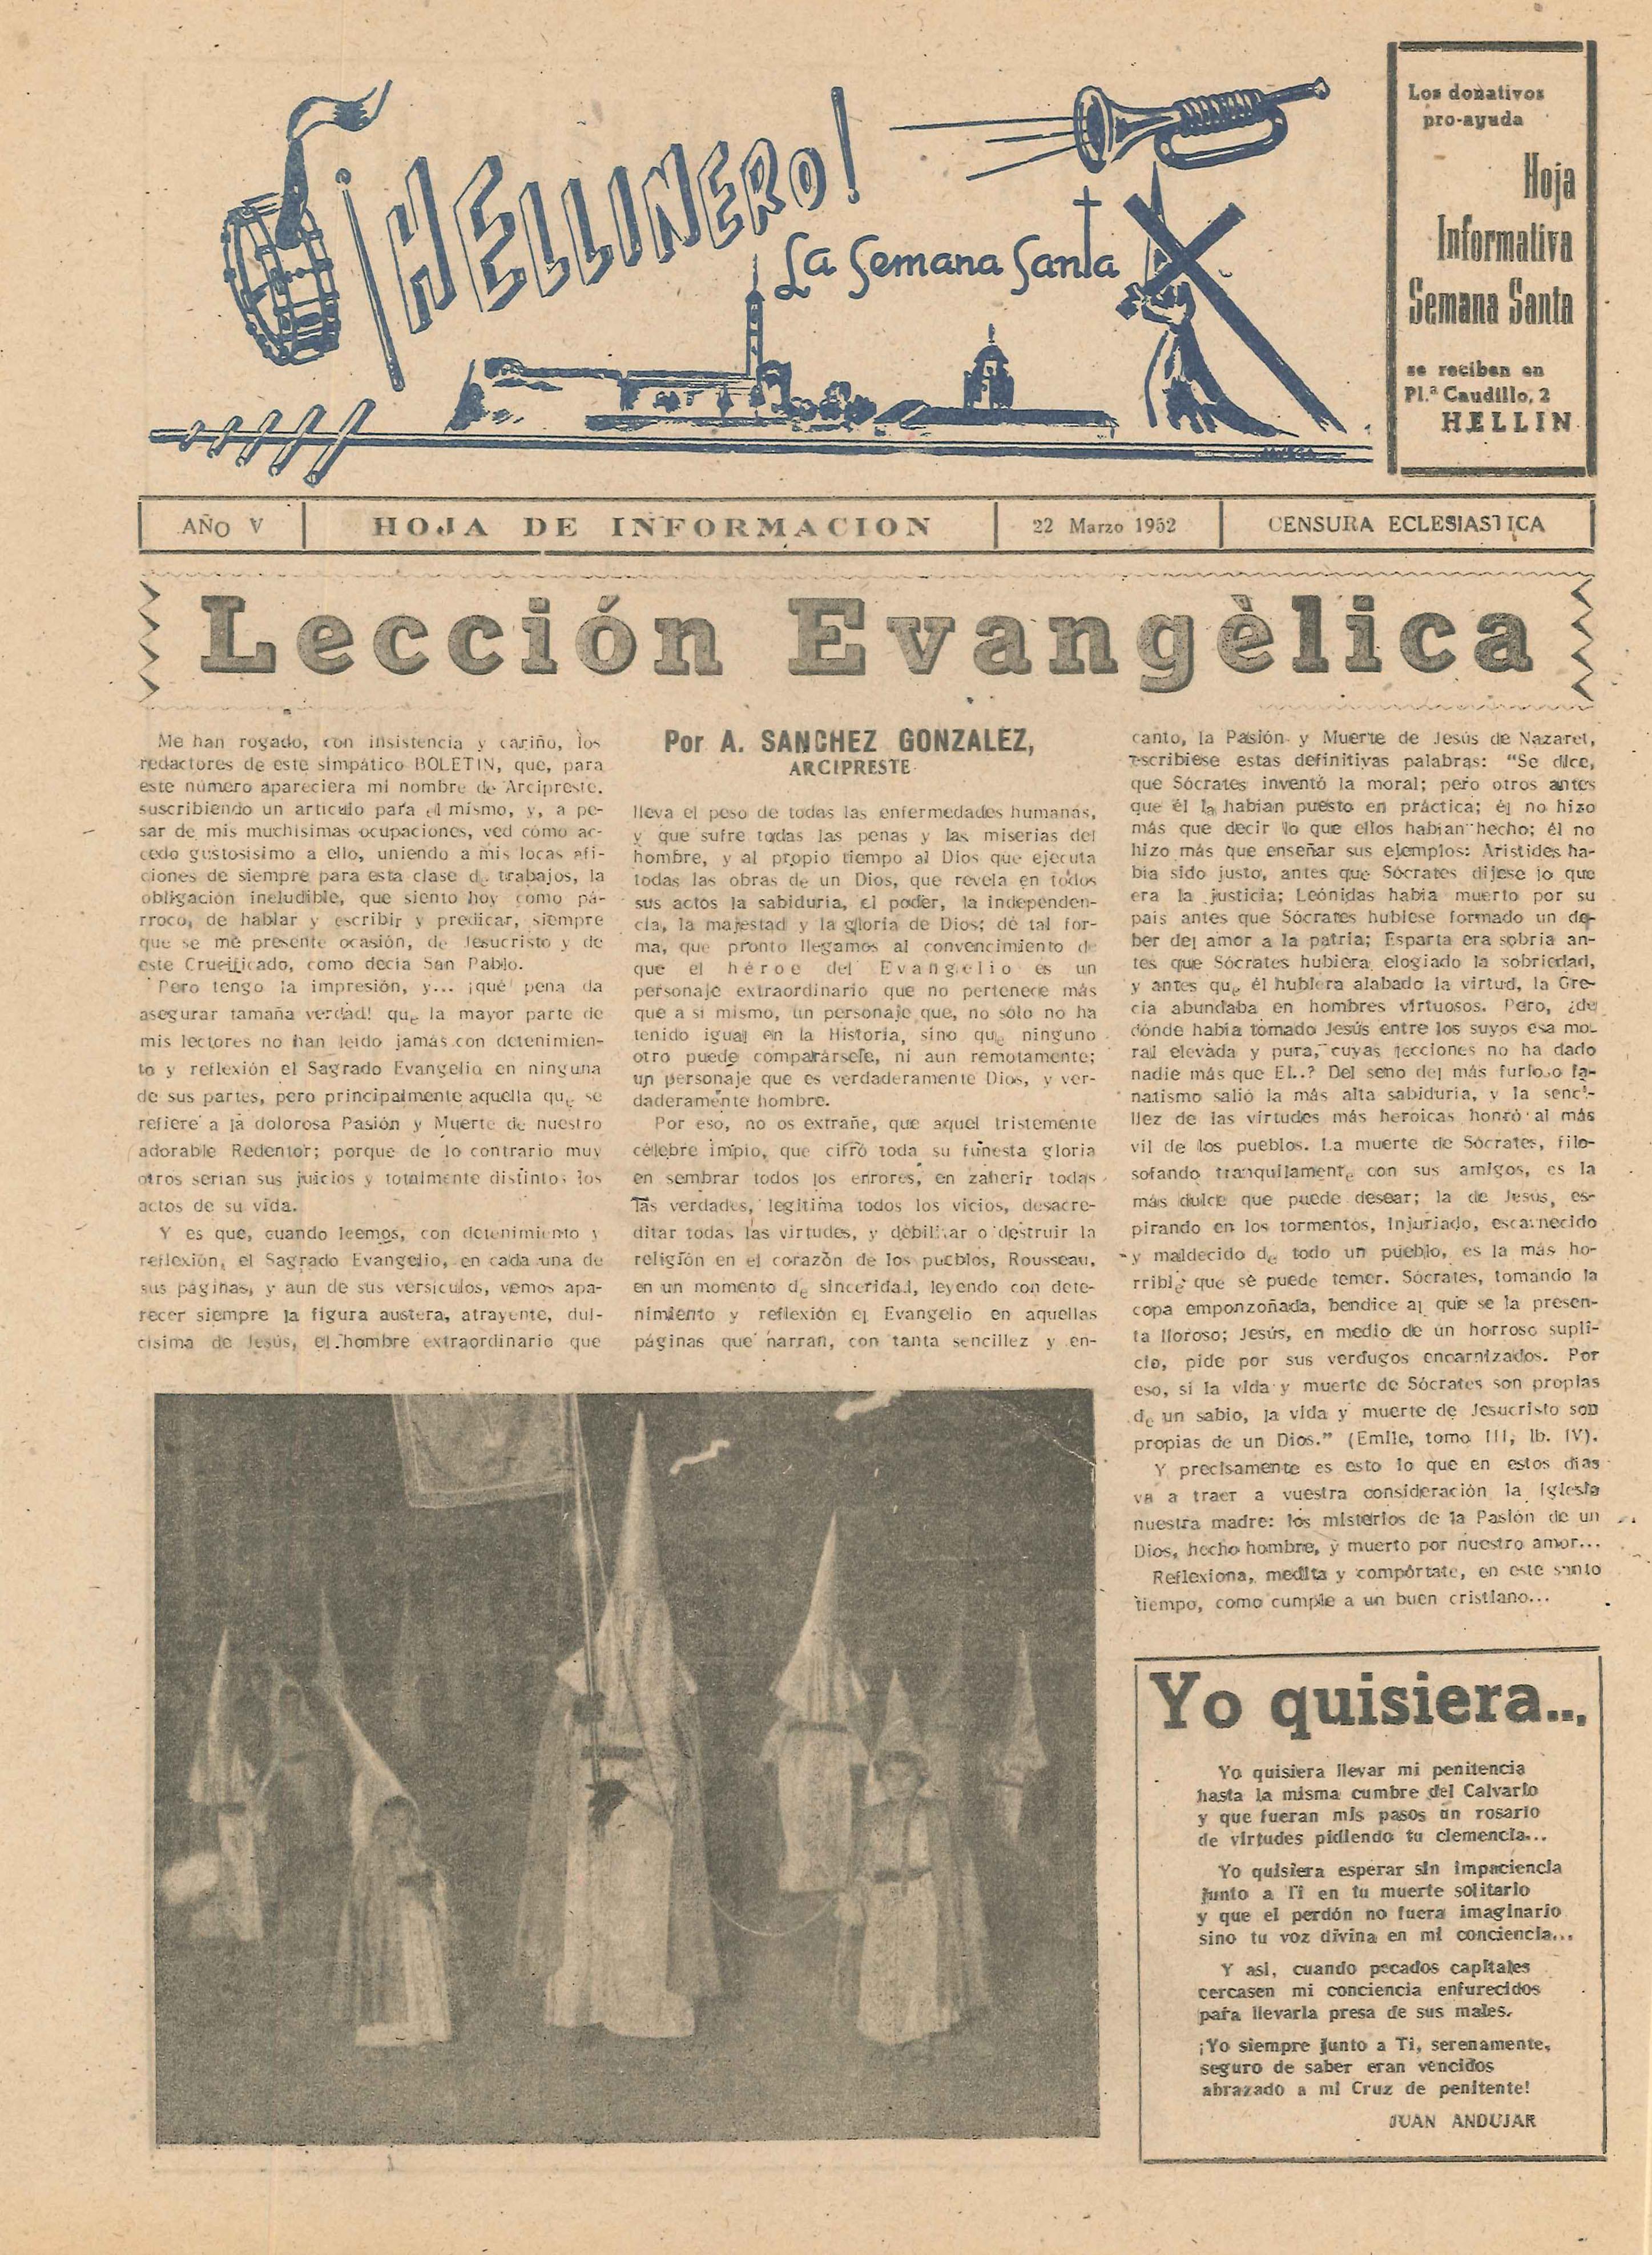 ¡Hellinero! La Semana Santa - Hoja informativa de Semana Santa - 1952 - n2